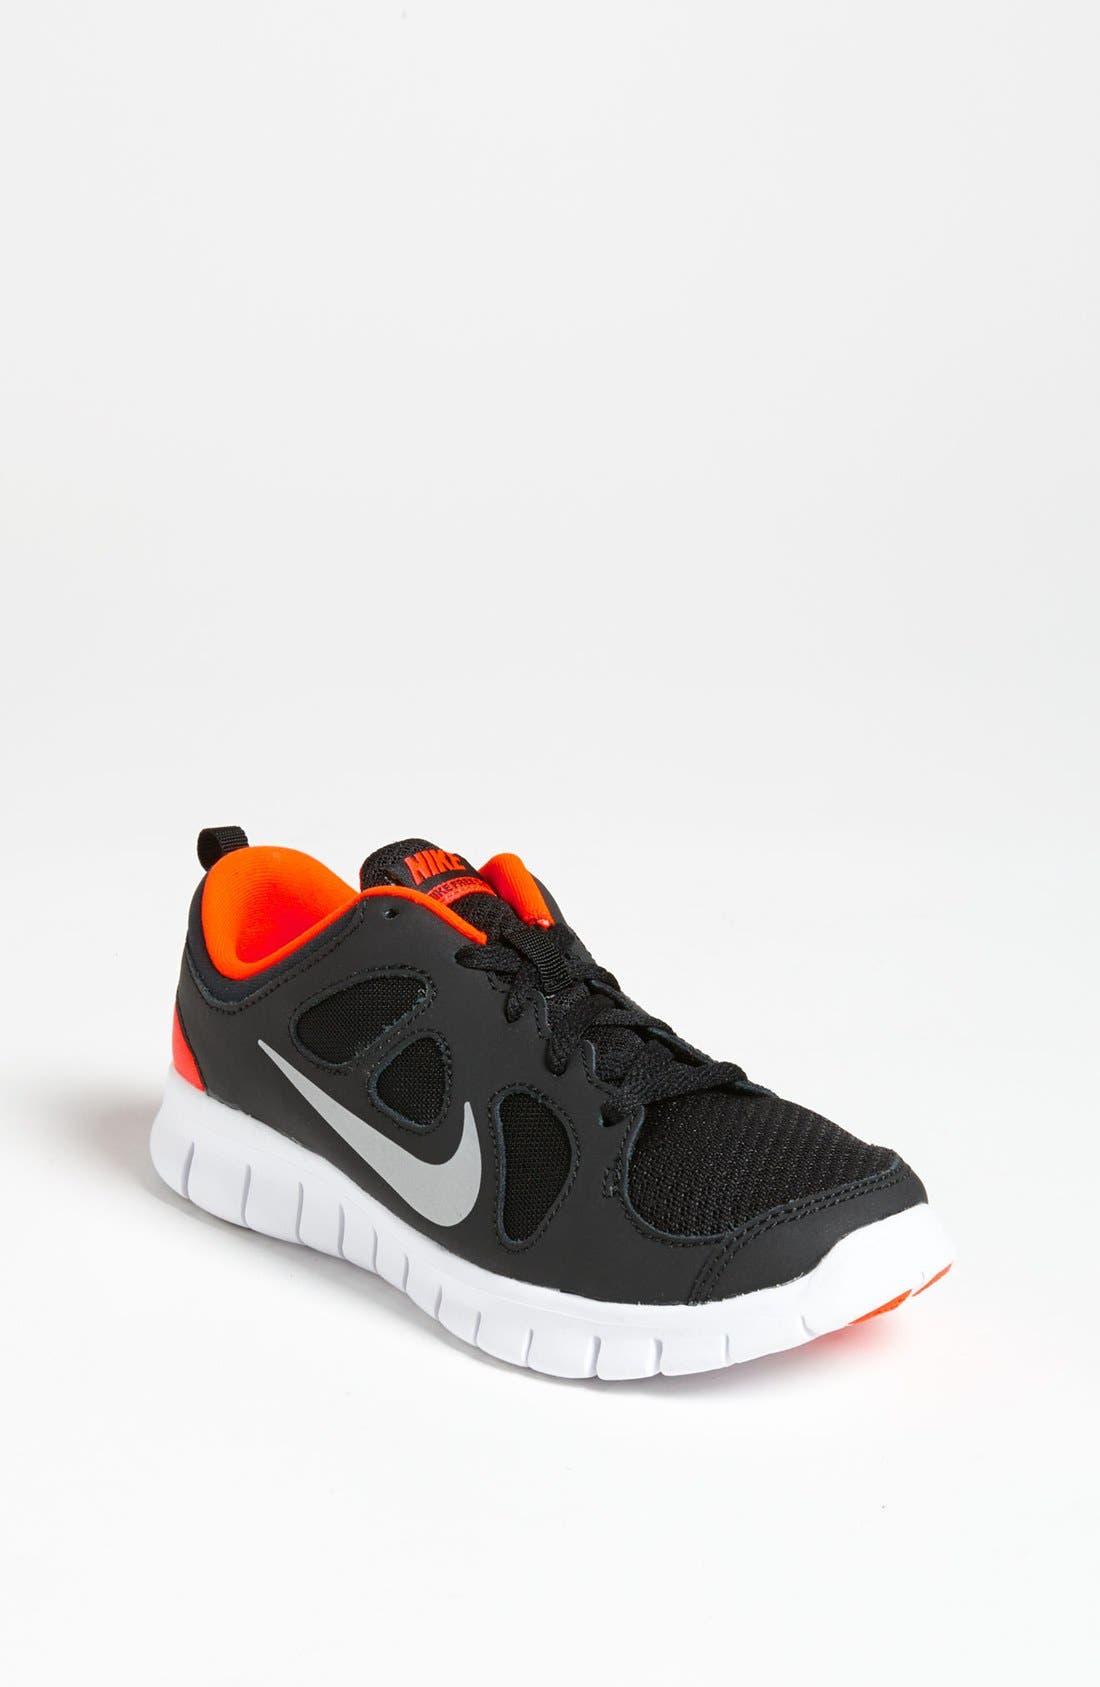 Alternate Image 1 Selected - Nike 'Free Run 5.0' Running Shoe (Toddler & Little Kid)